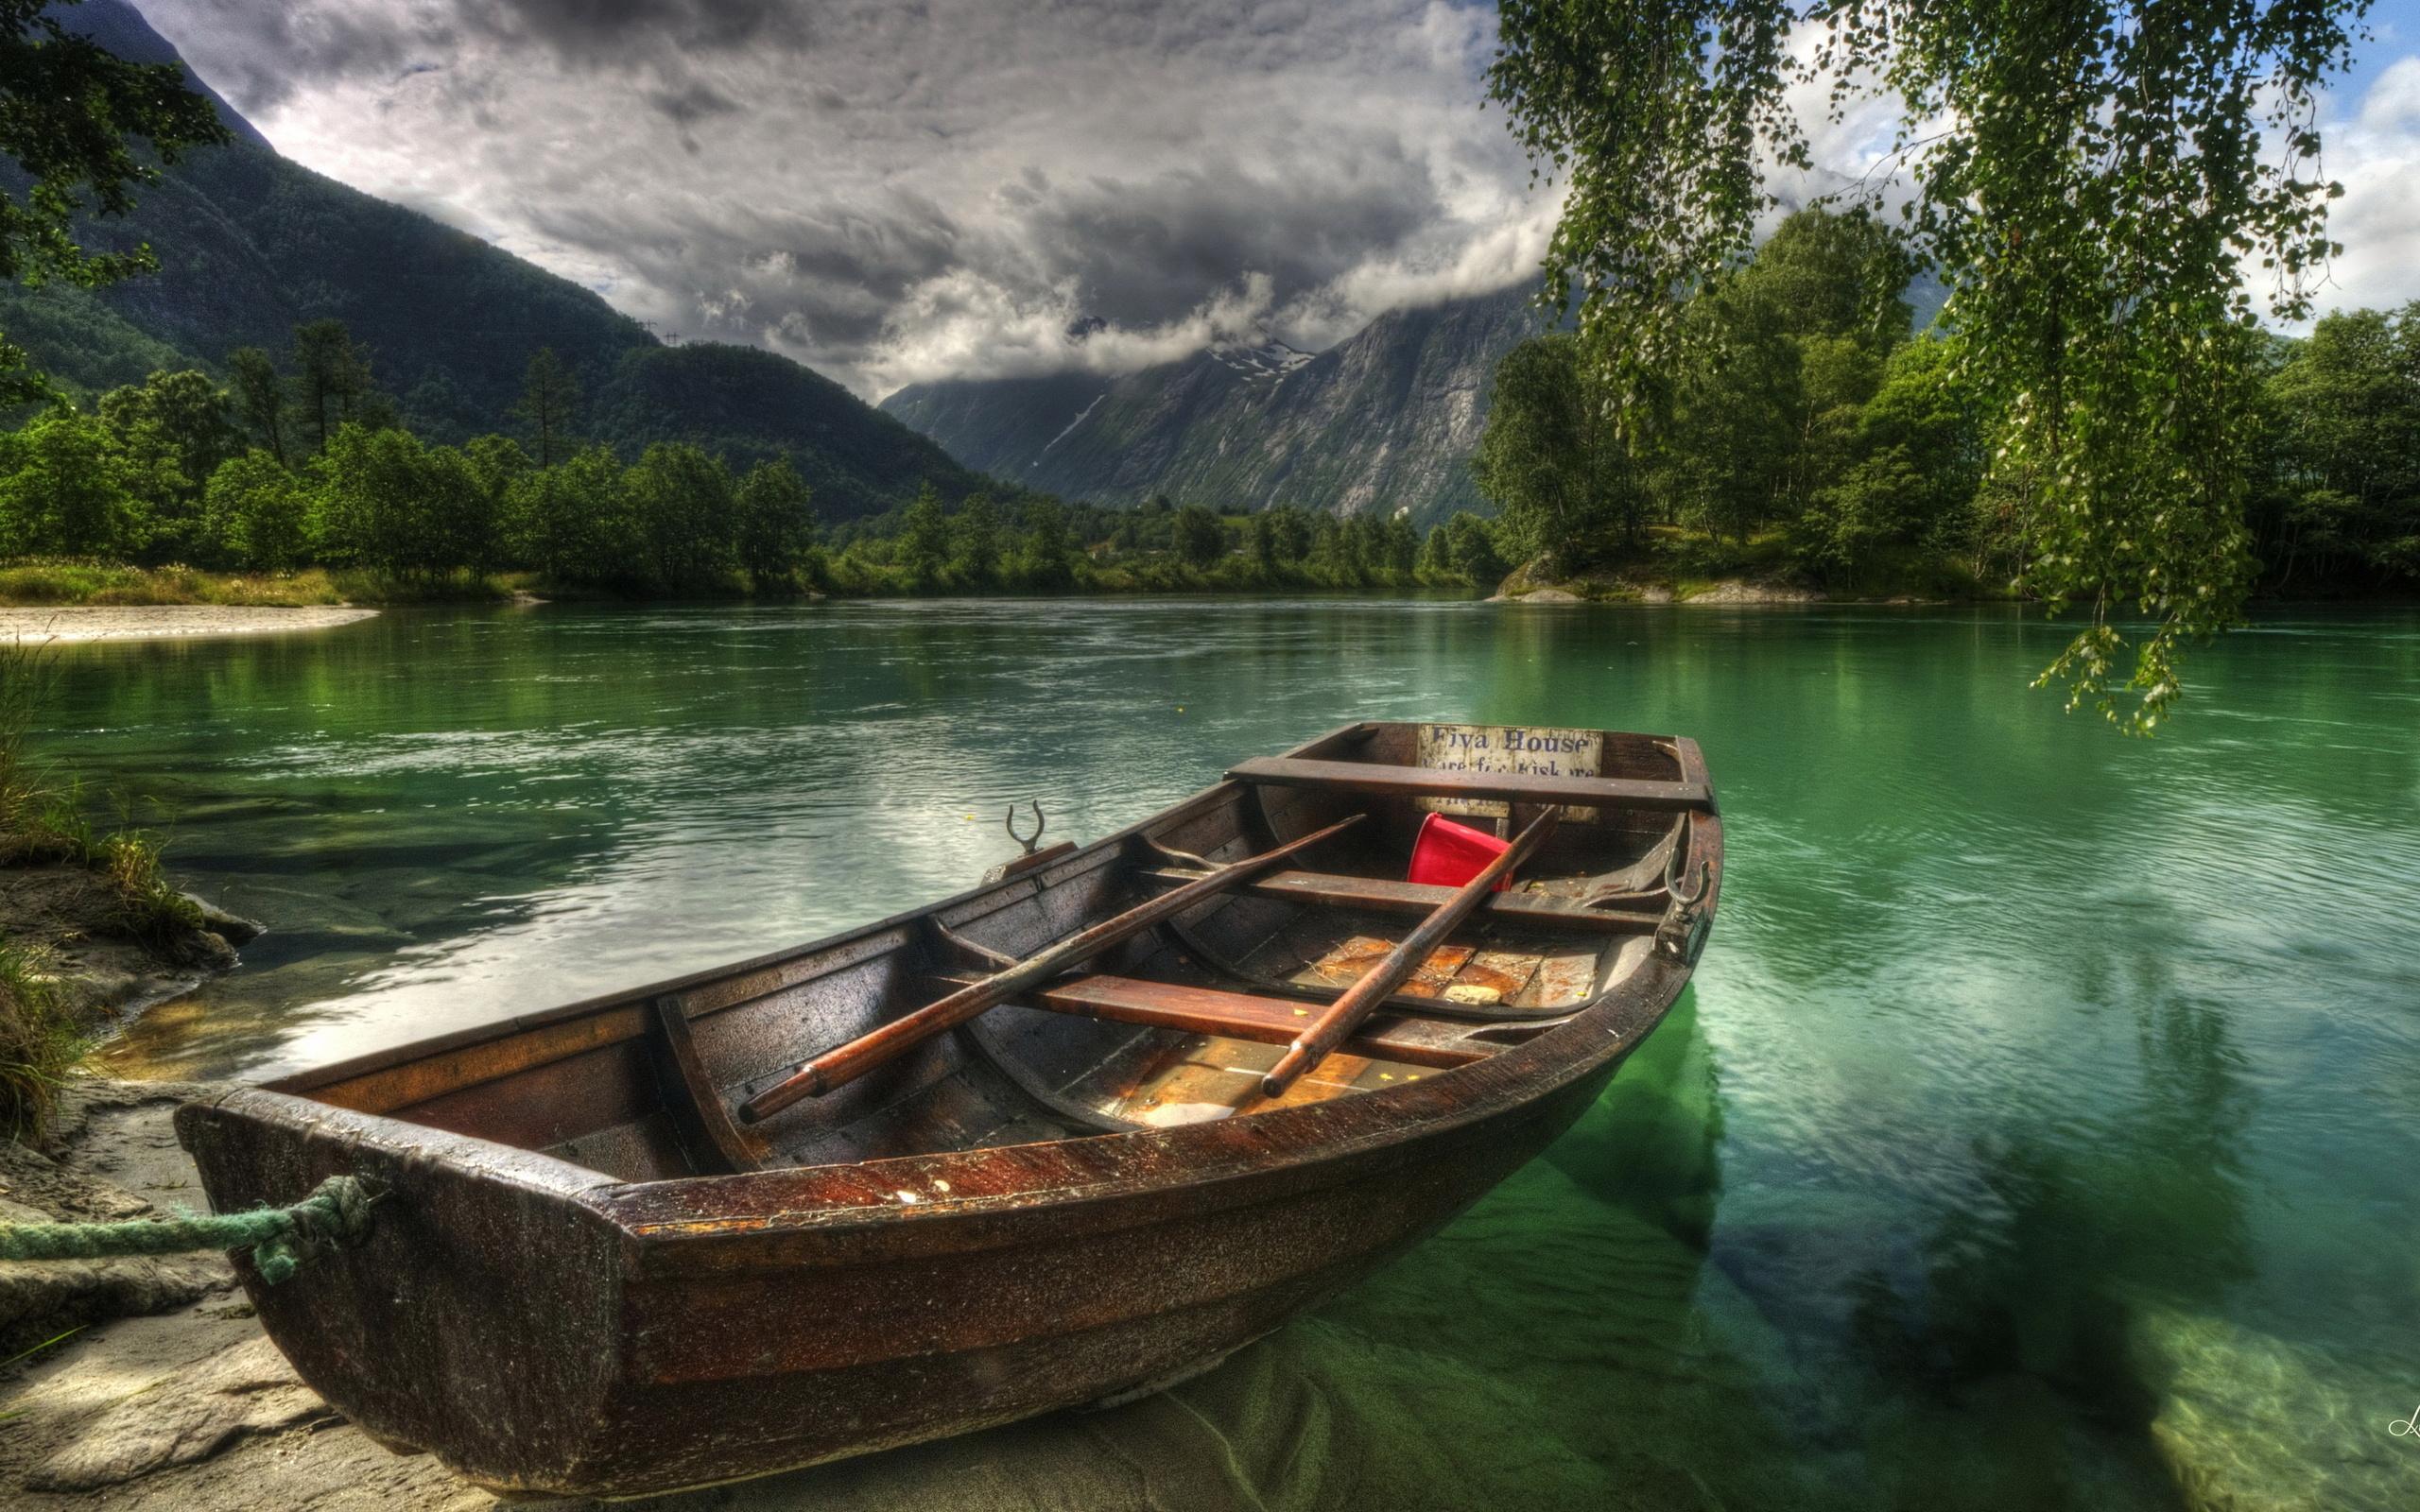 Boat Wallpaper: Wallpaper Boat in Green Mountain Lake 2560x1600px